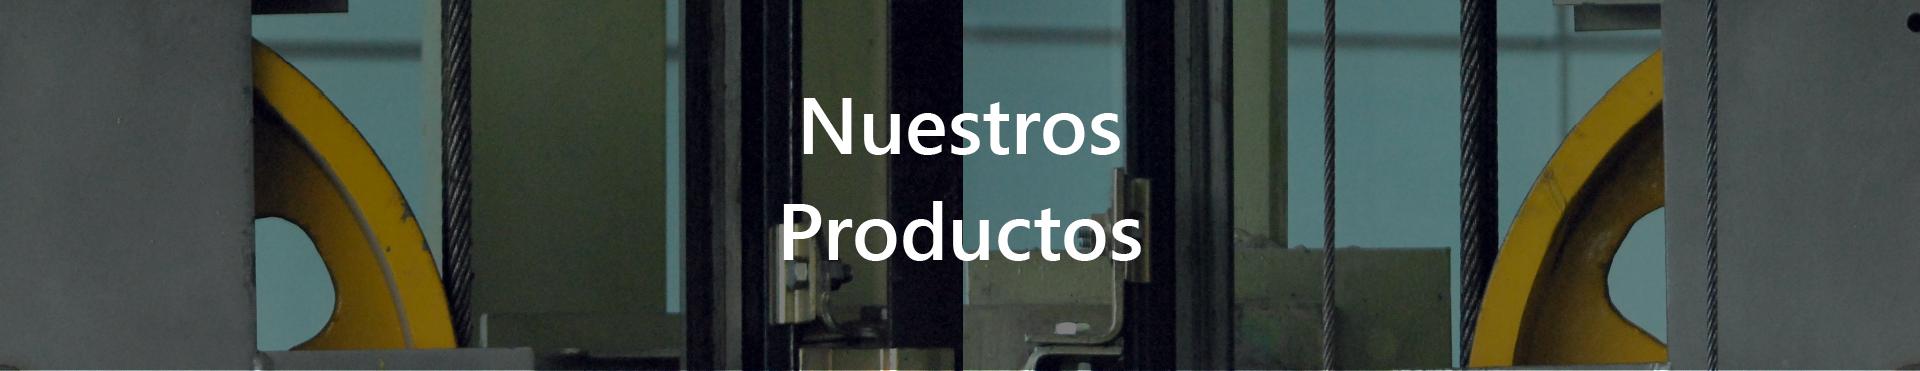 Nuestros productos